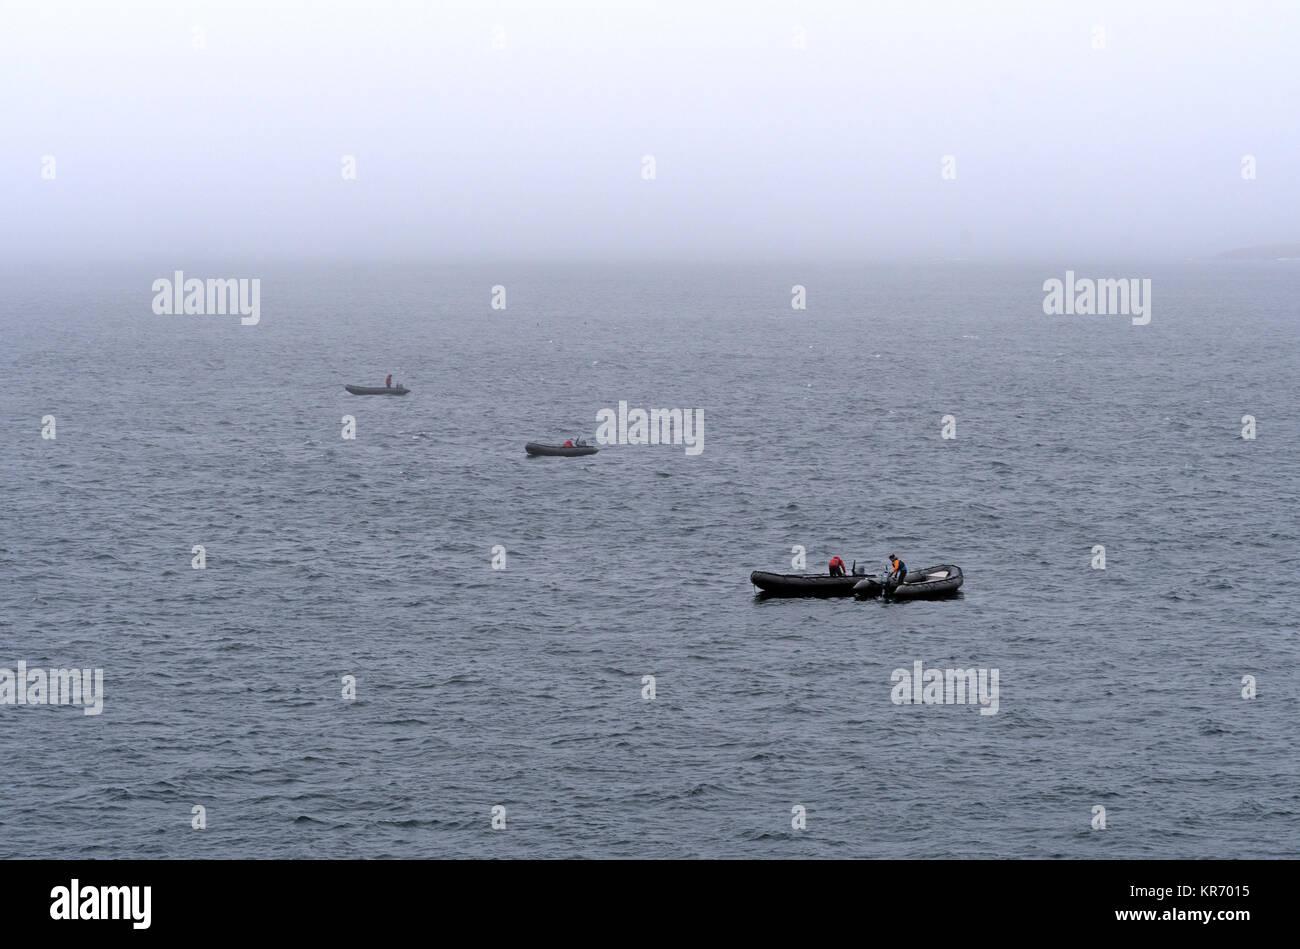 Das Boote im Nebel in der Nähe der unteren Savage Islands in der Nähe von Baffin Island in Nunavut Stockbild